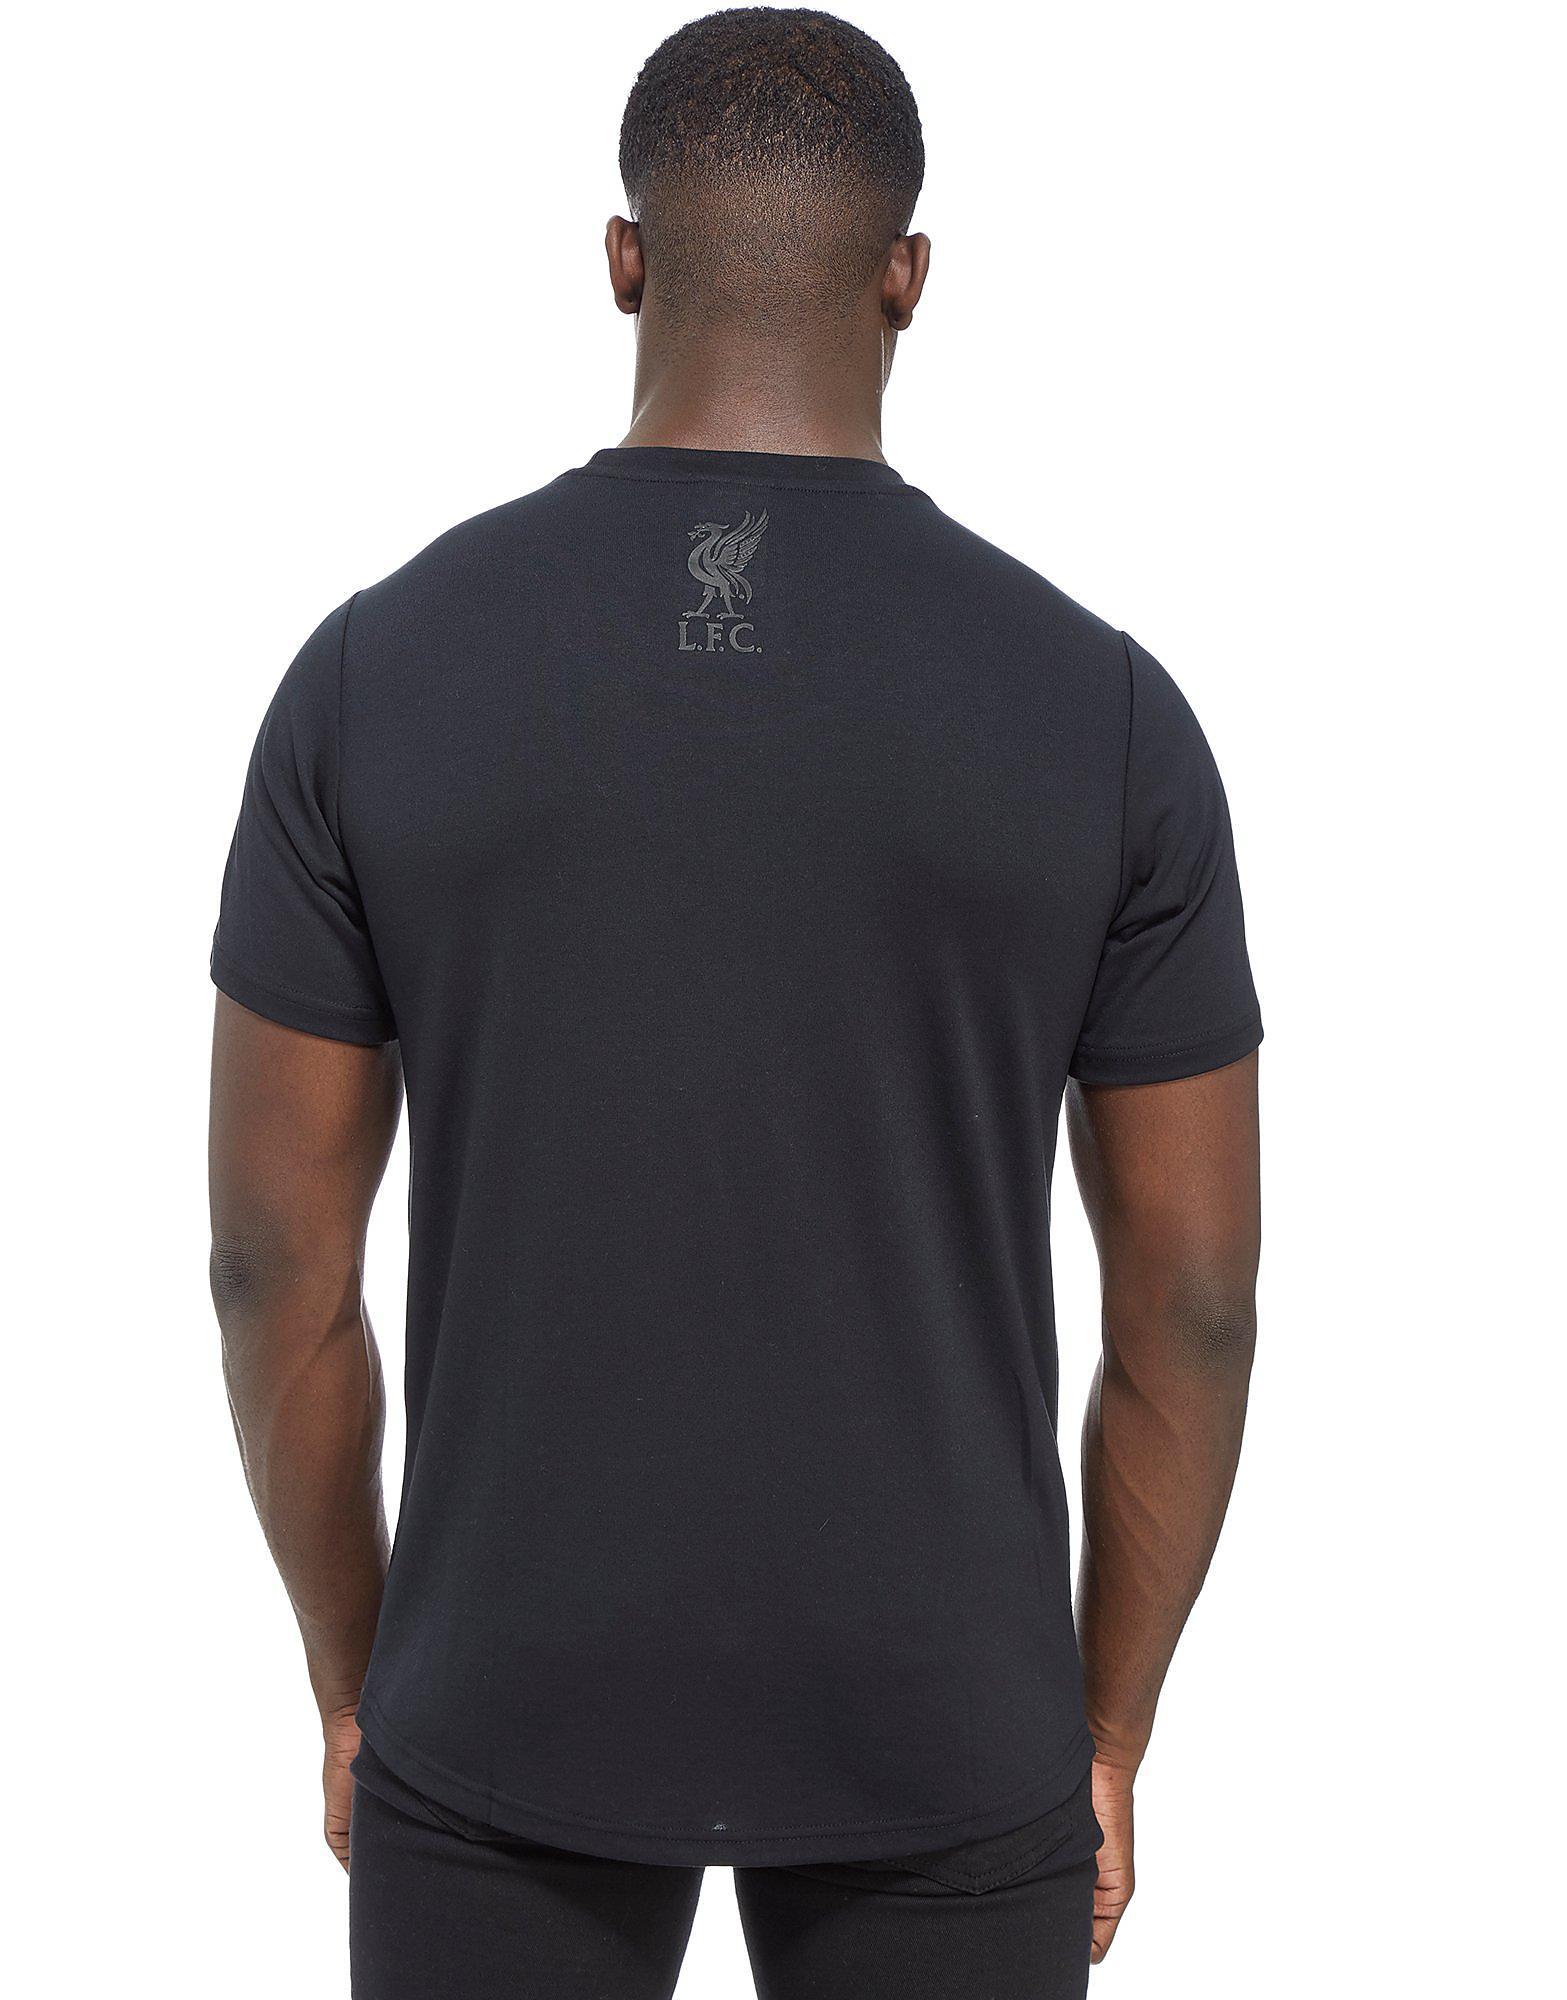 New Balance 247 Liverpool FC Pitch T-Shirt Heren